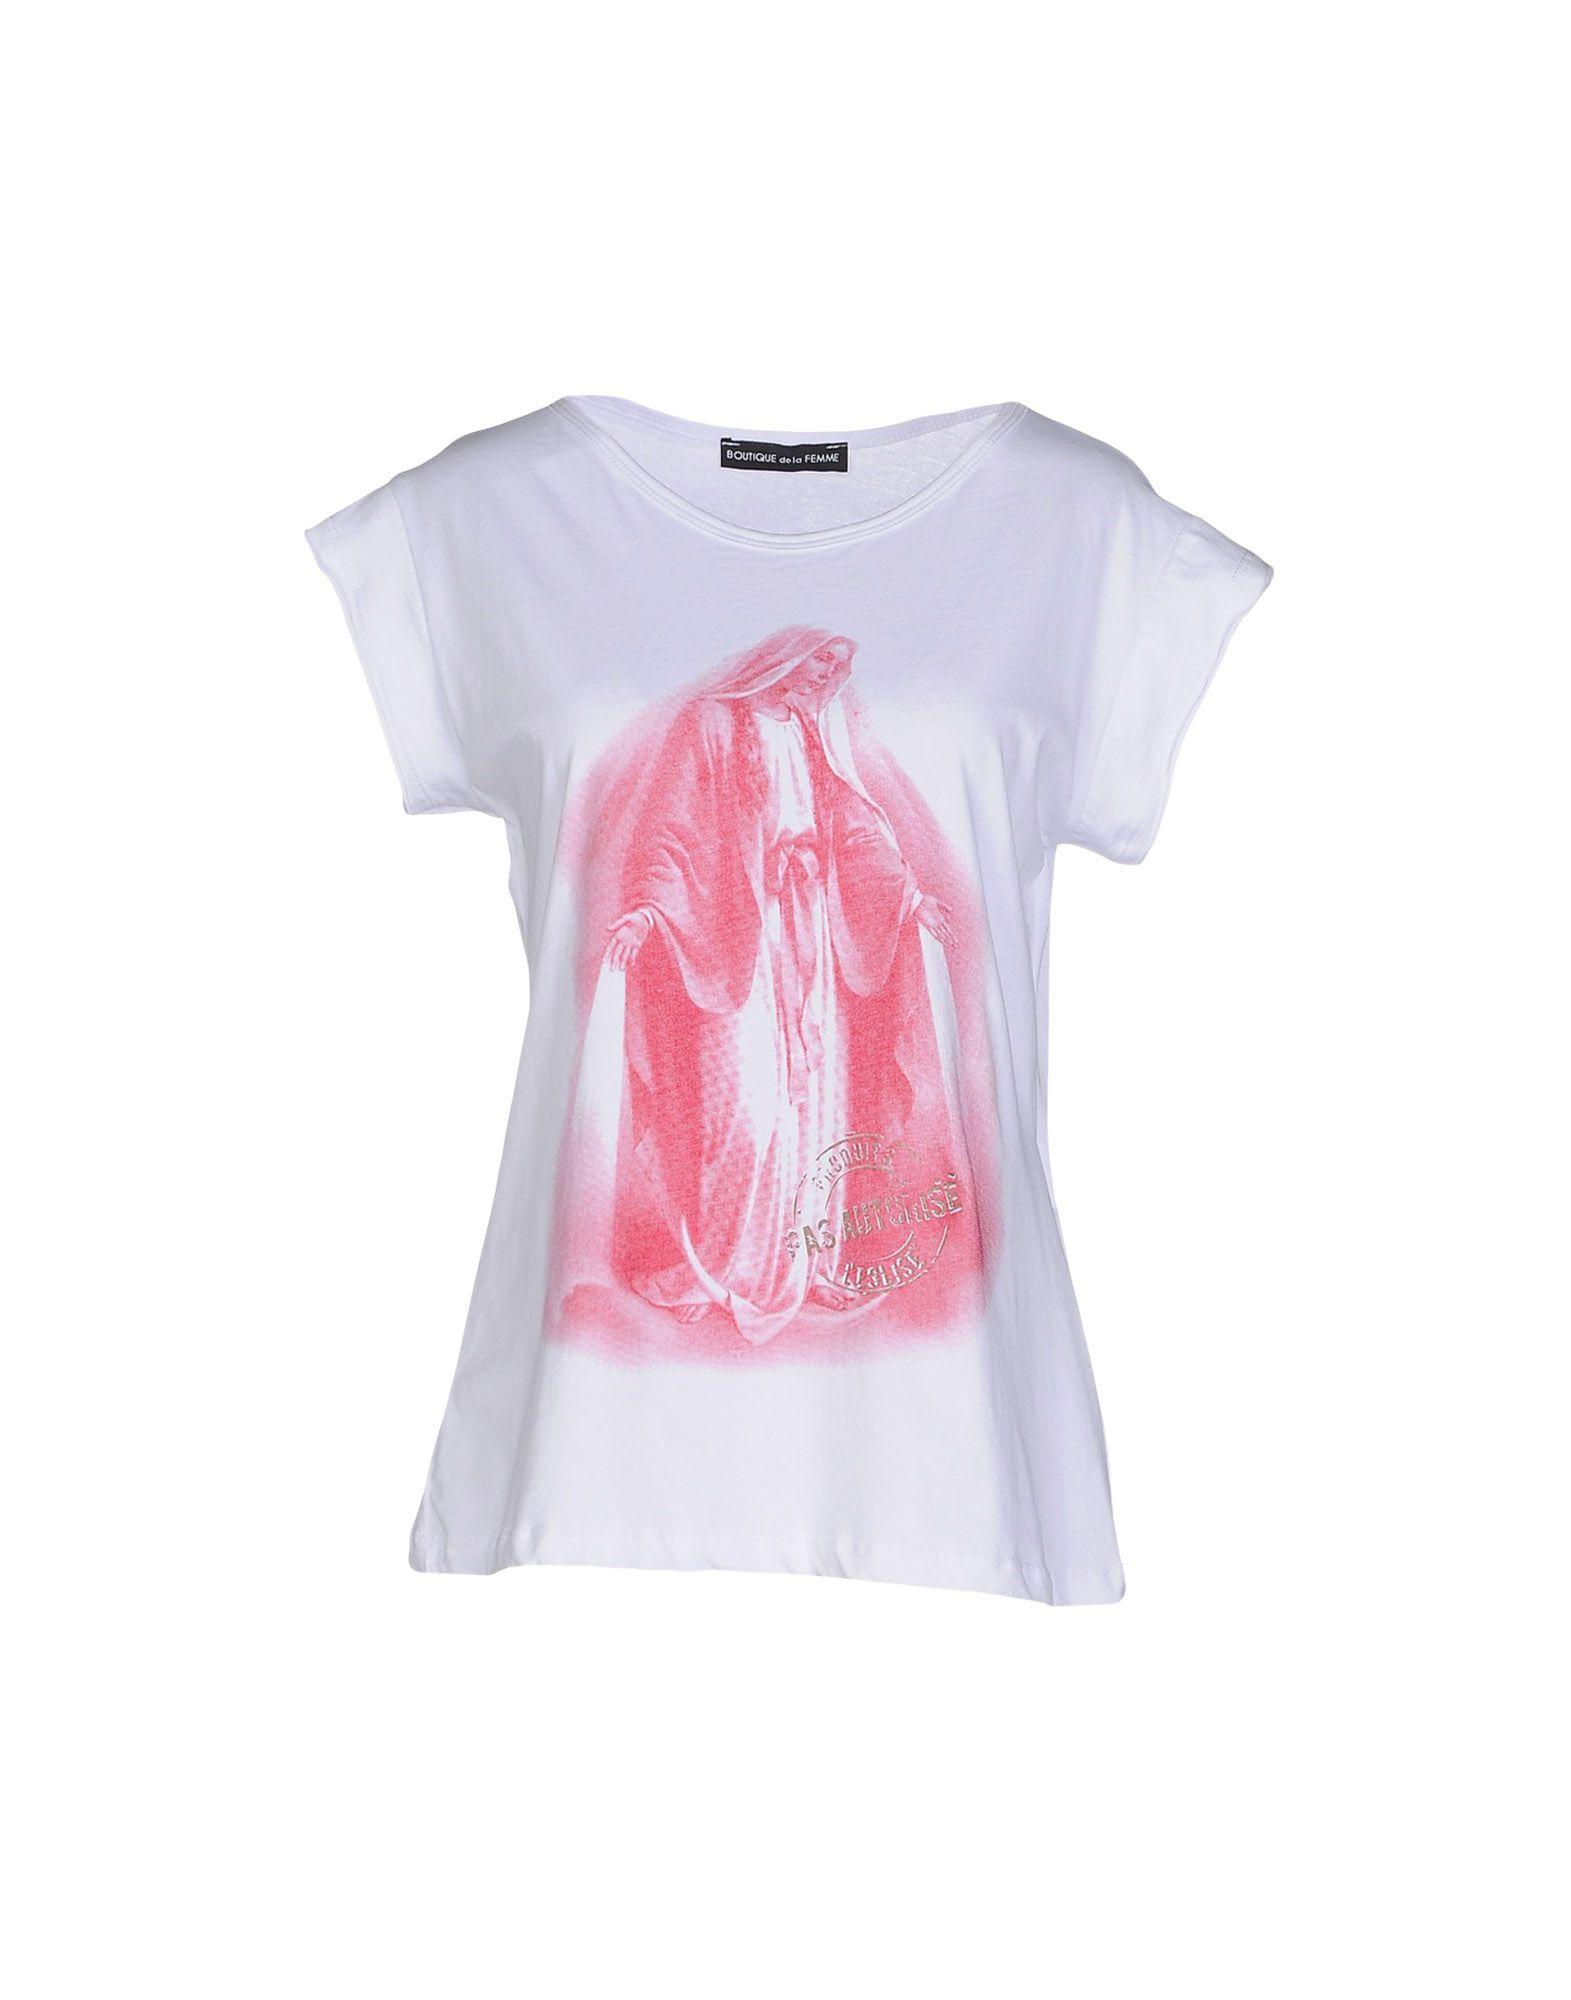 BOUTIQUE DE LA FEMME T-shirts